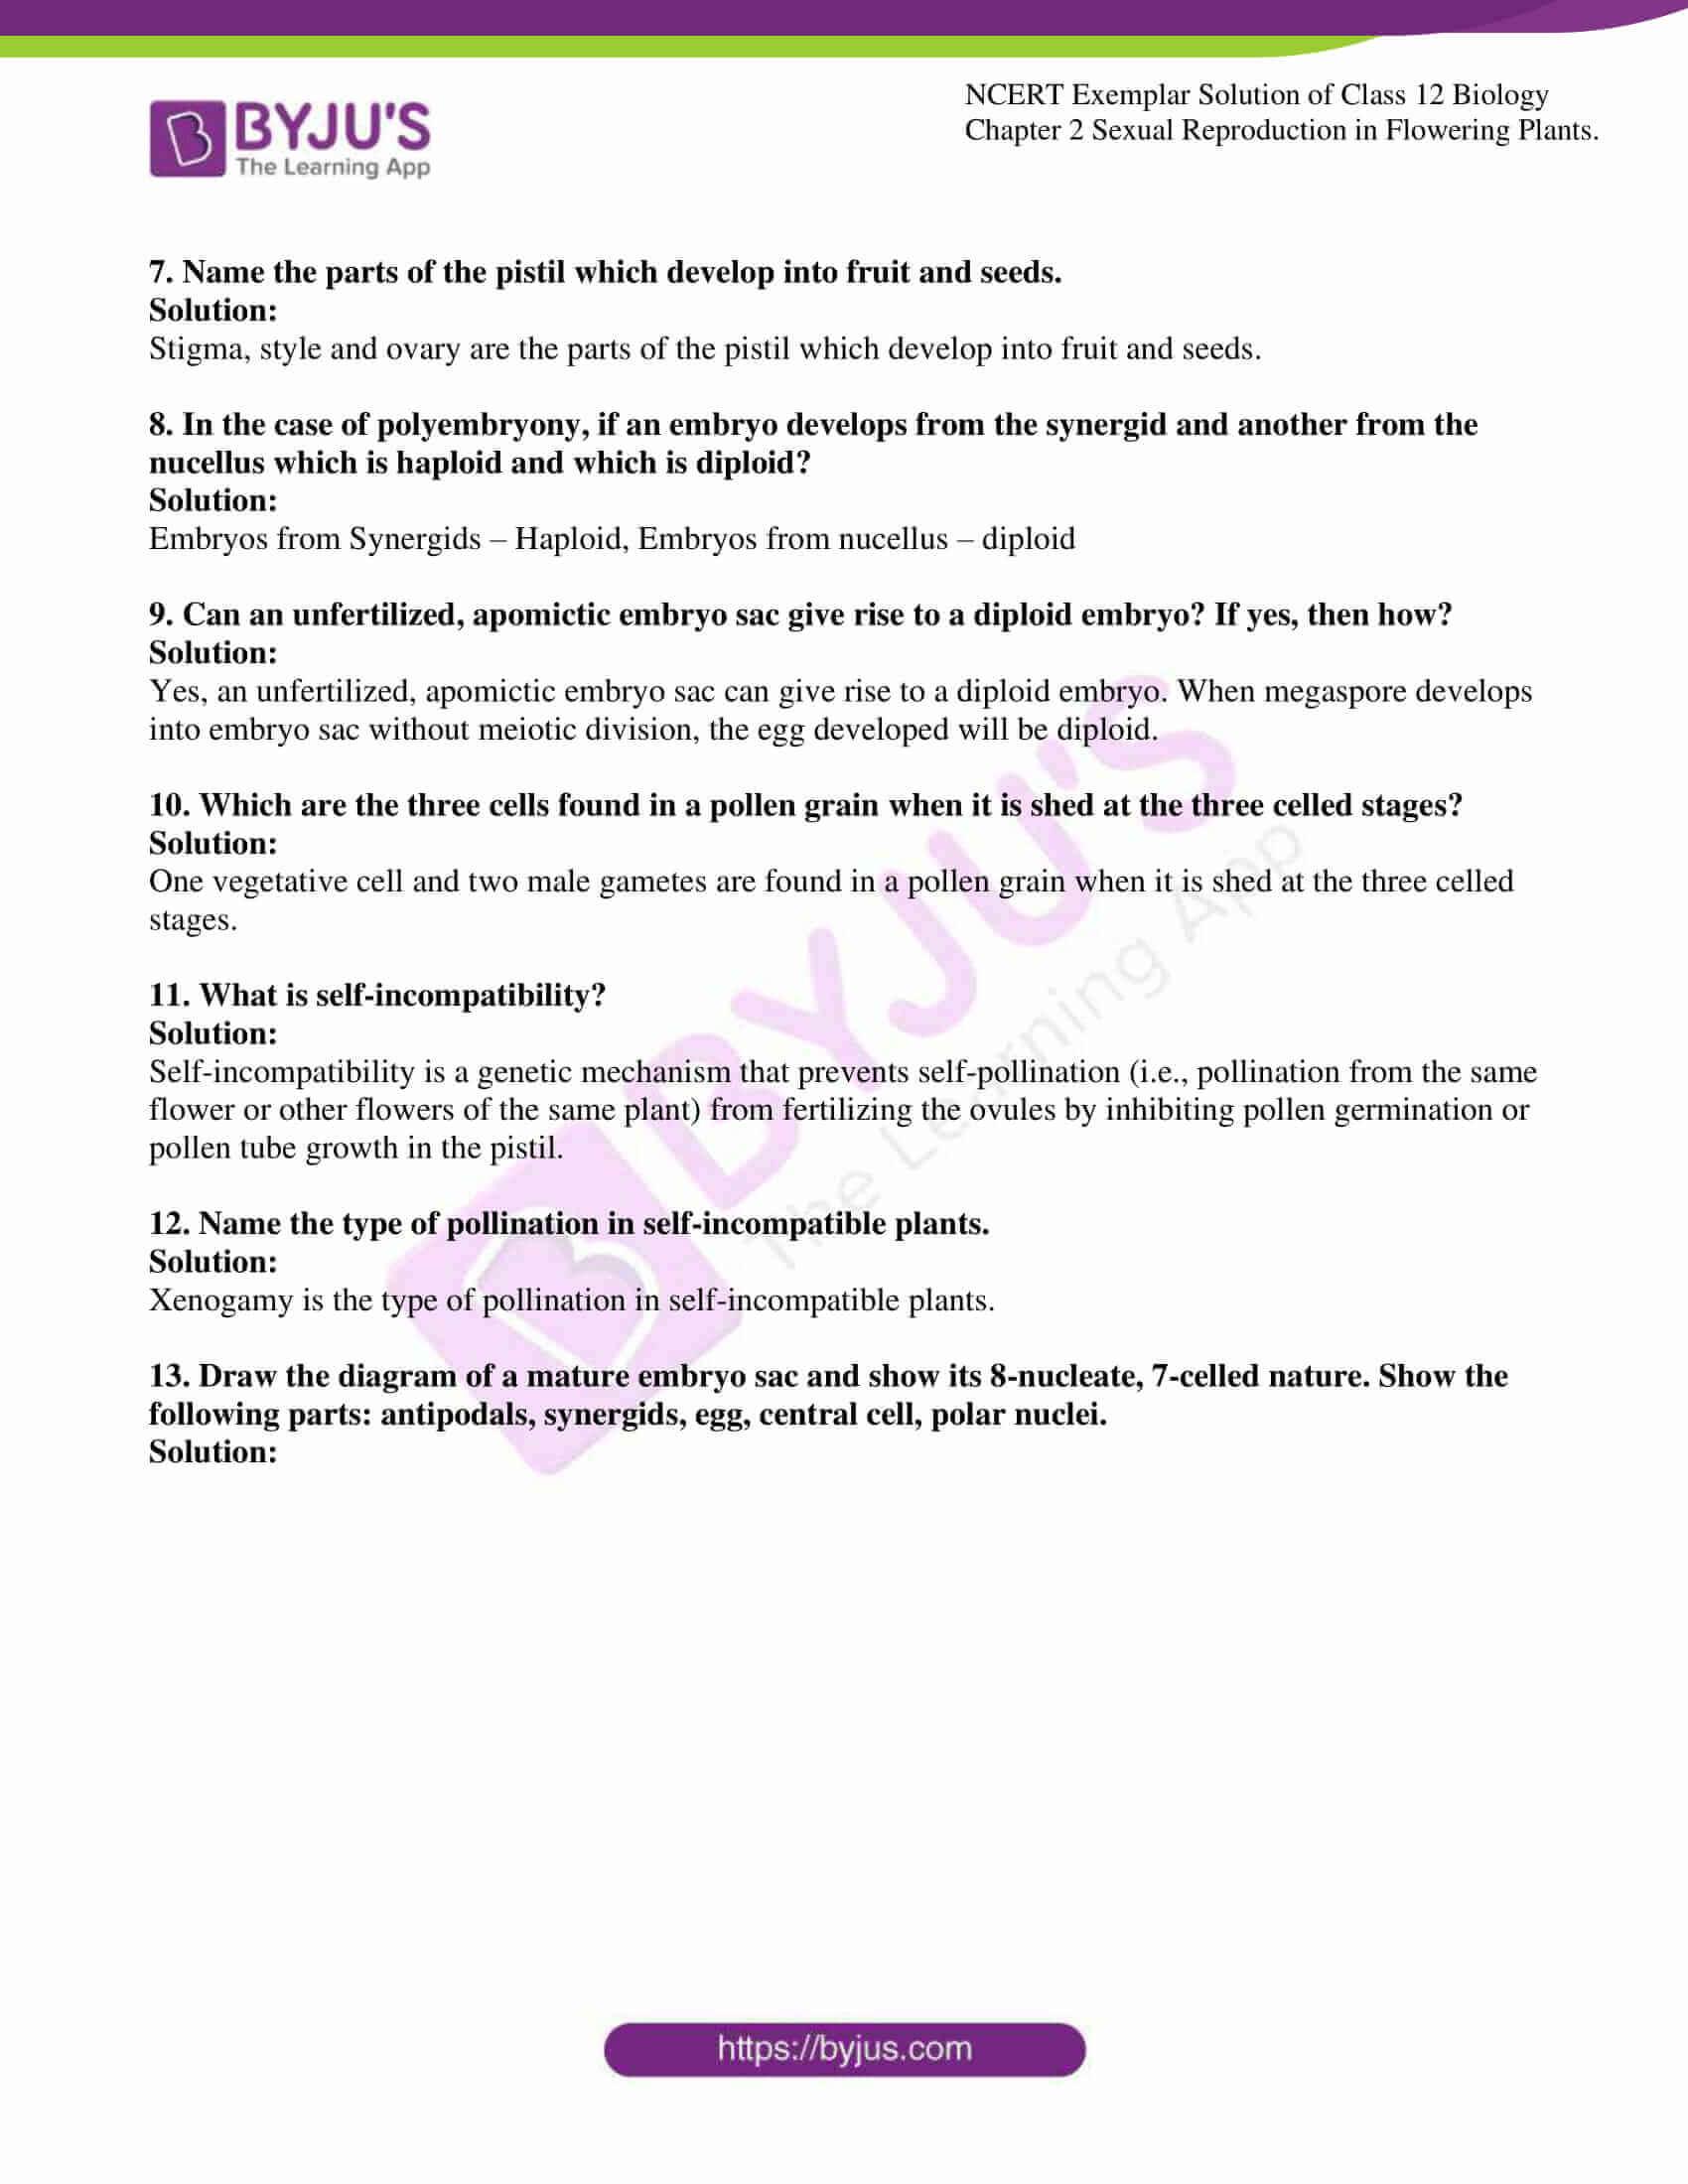 ncert exemplar solution of class 12 biology chapter 2 06